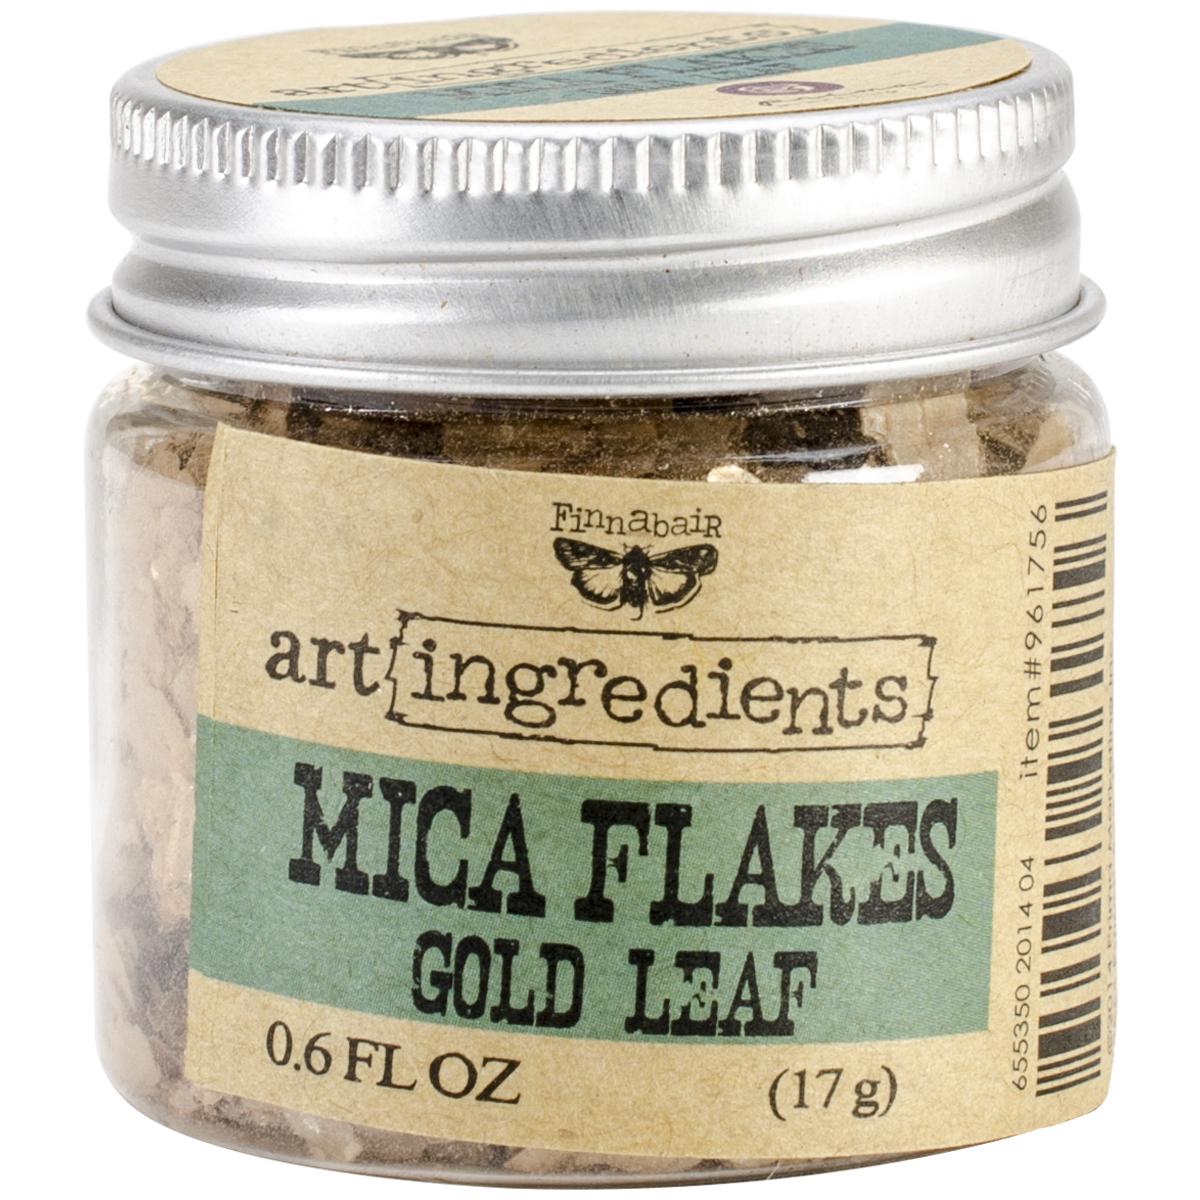 Finnabair Art Ingredients Mica Flakes 1oz-Gold Leaf